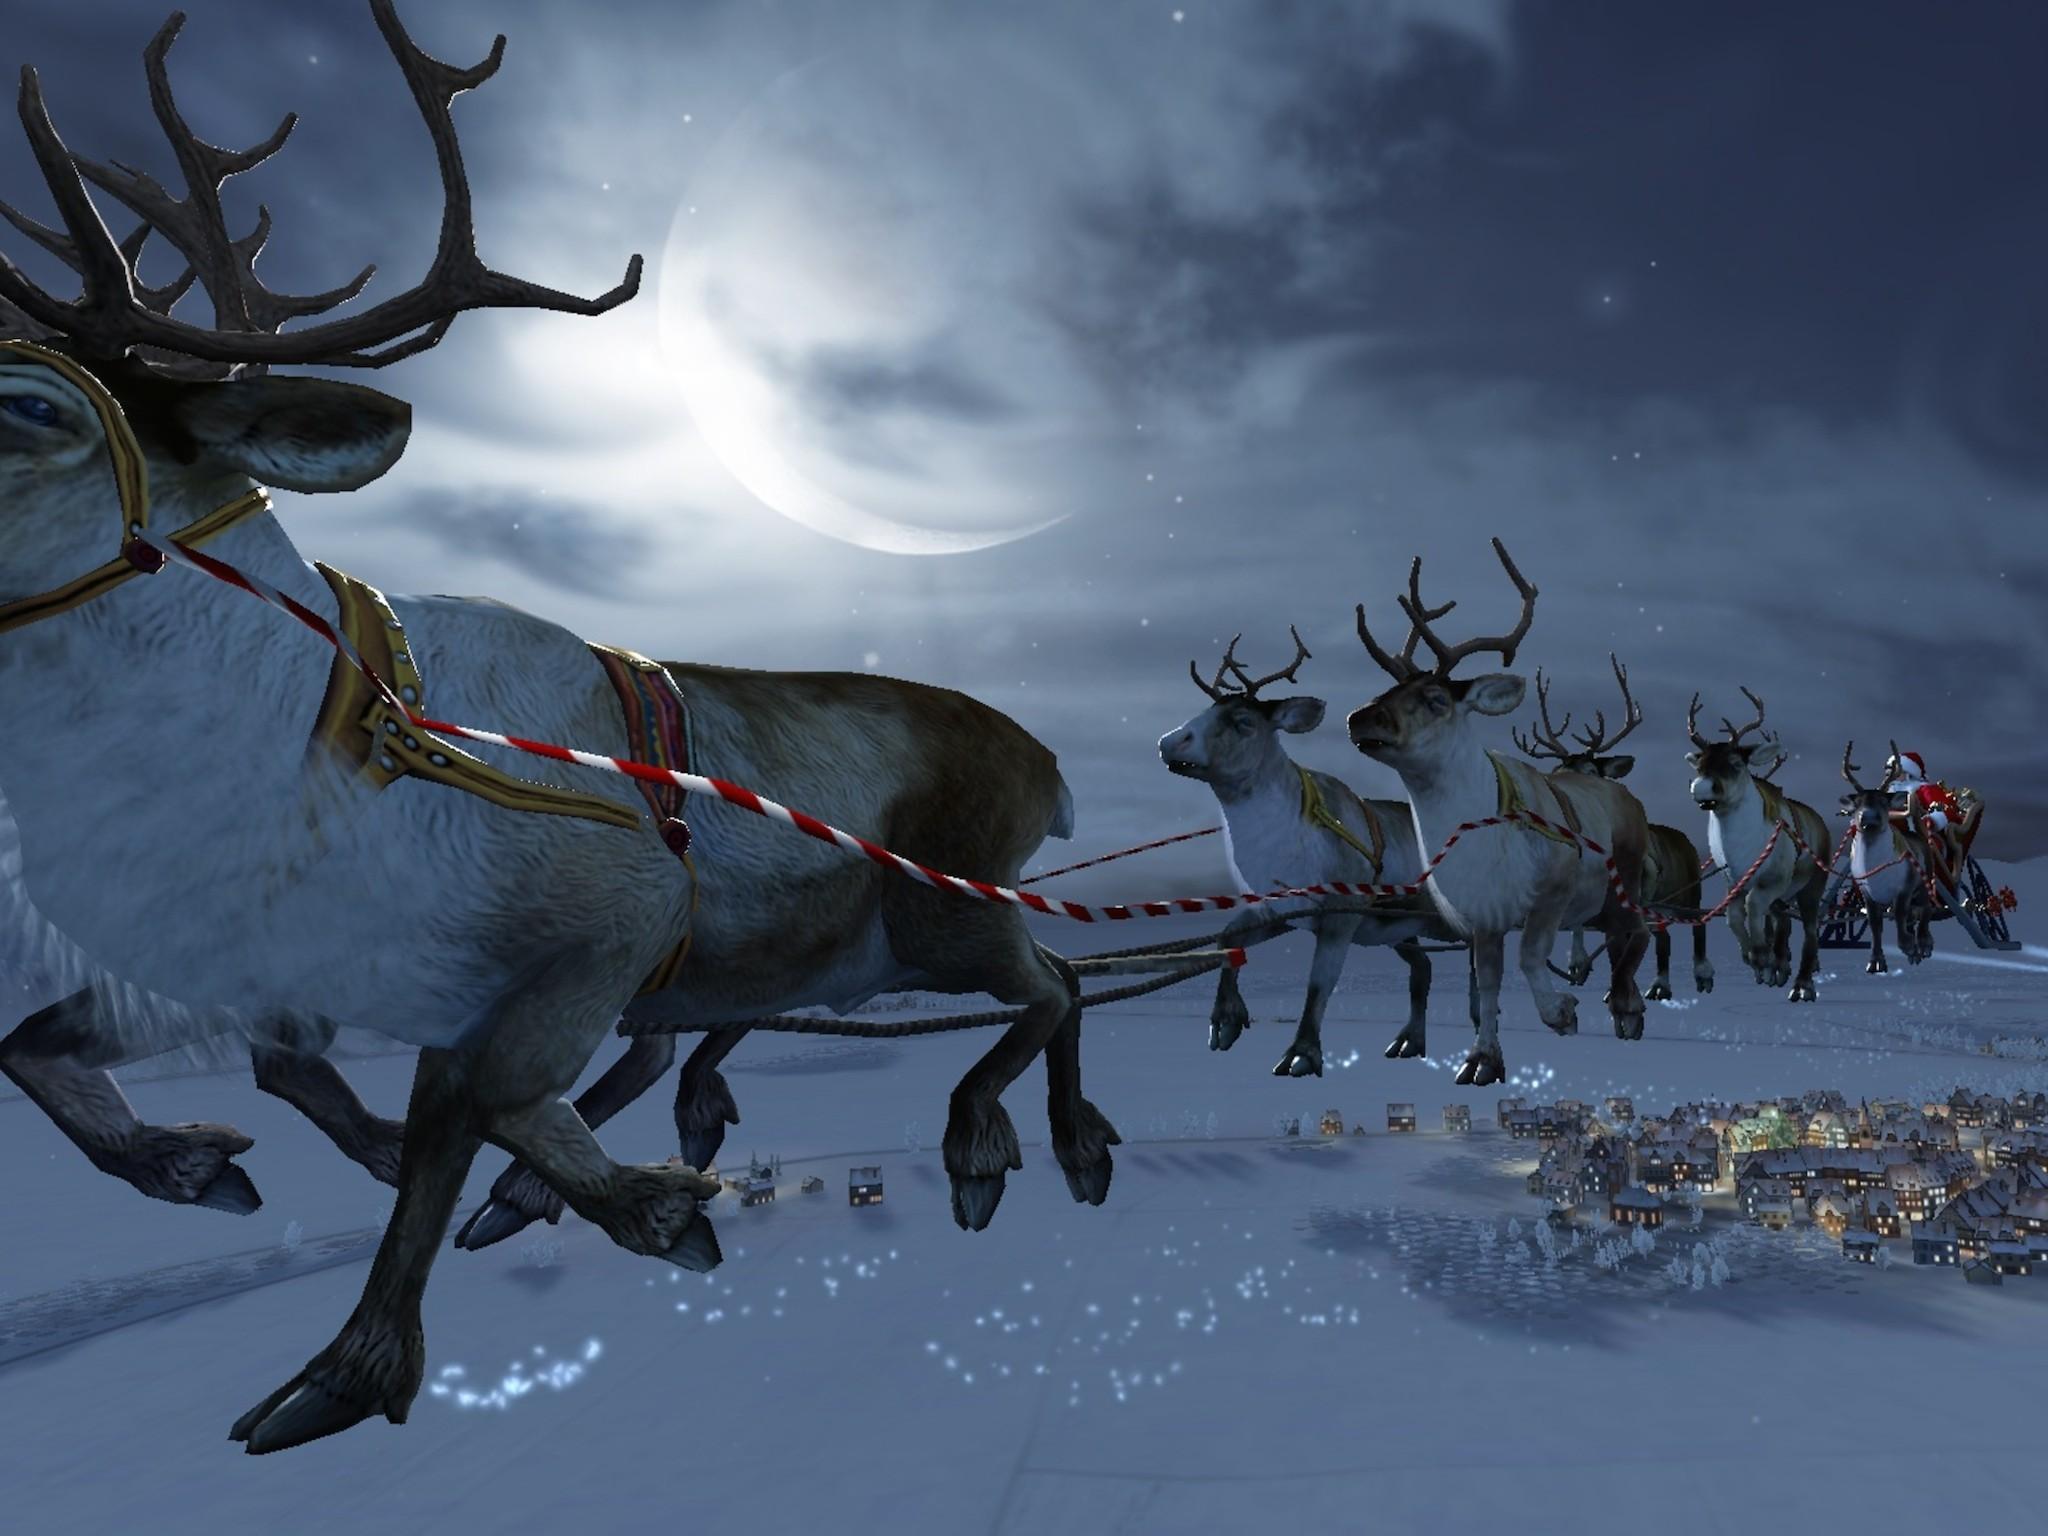 Santa Flying Reindeer Wallpaper | Free HD Santa Download